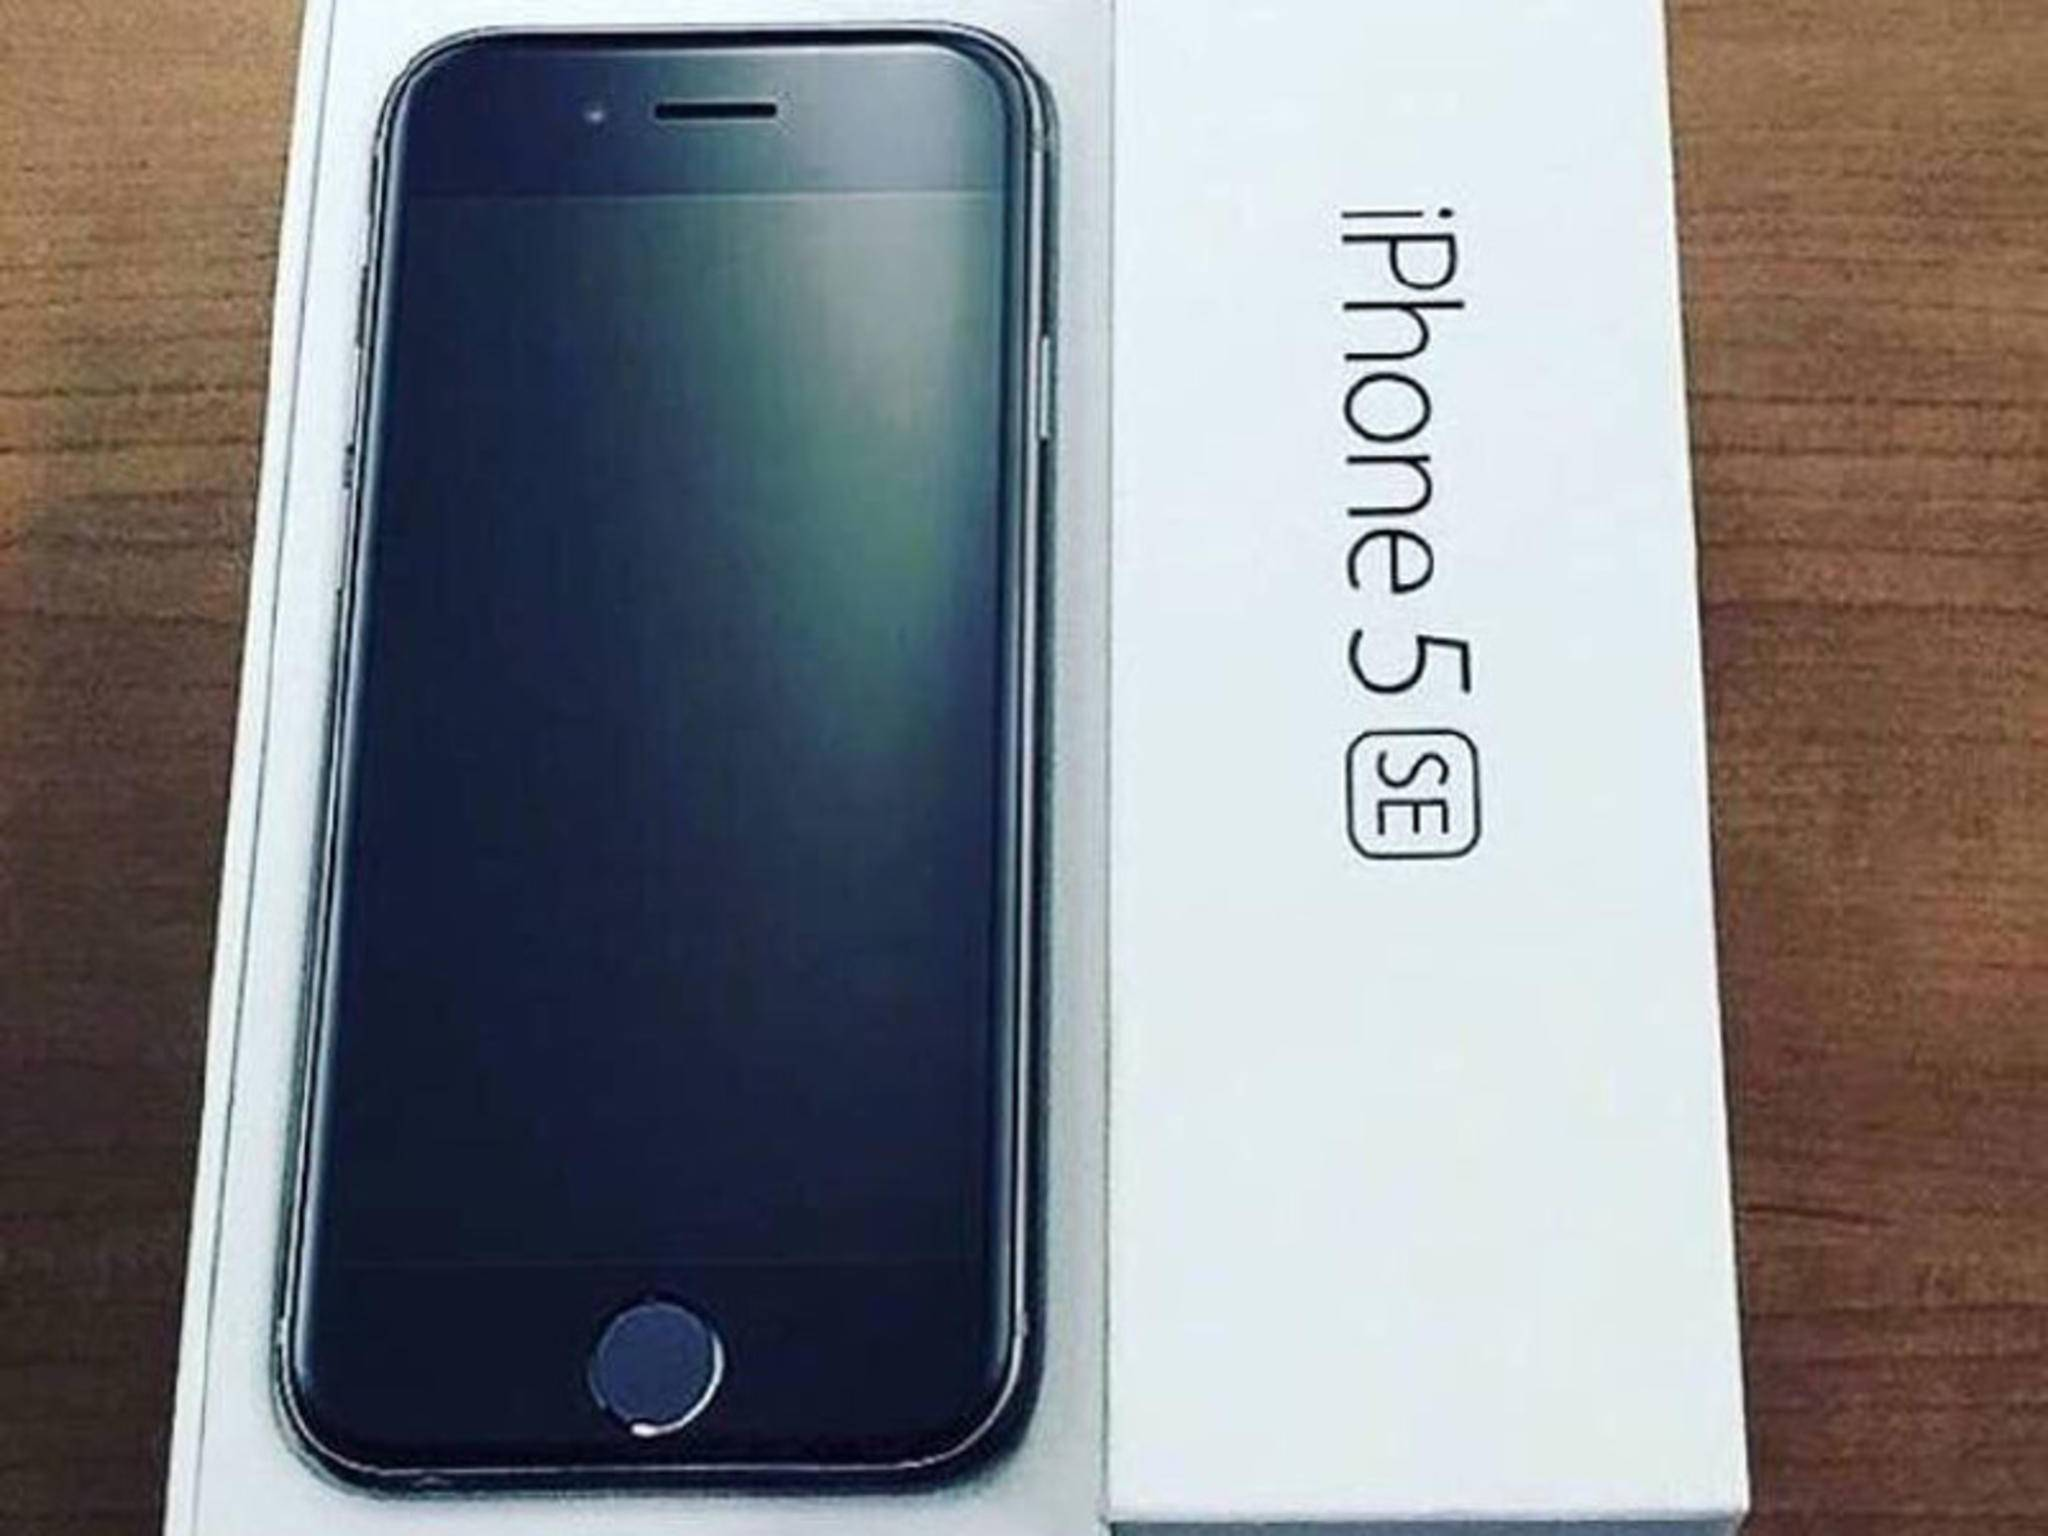 Das iPhone 5se zeigt sich jetzt erstmalig auf einer geleakten Verkaufsverpackung.